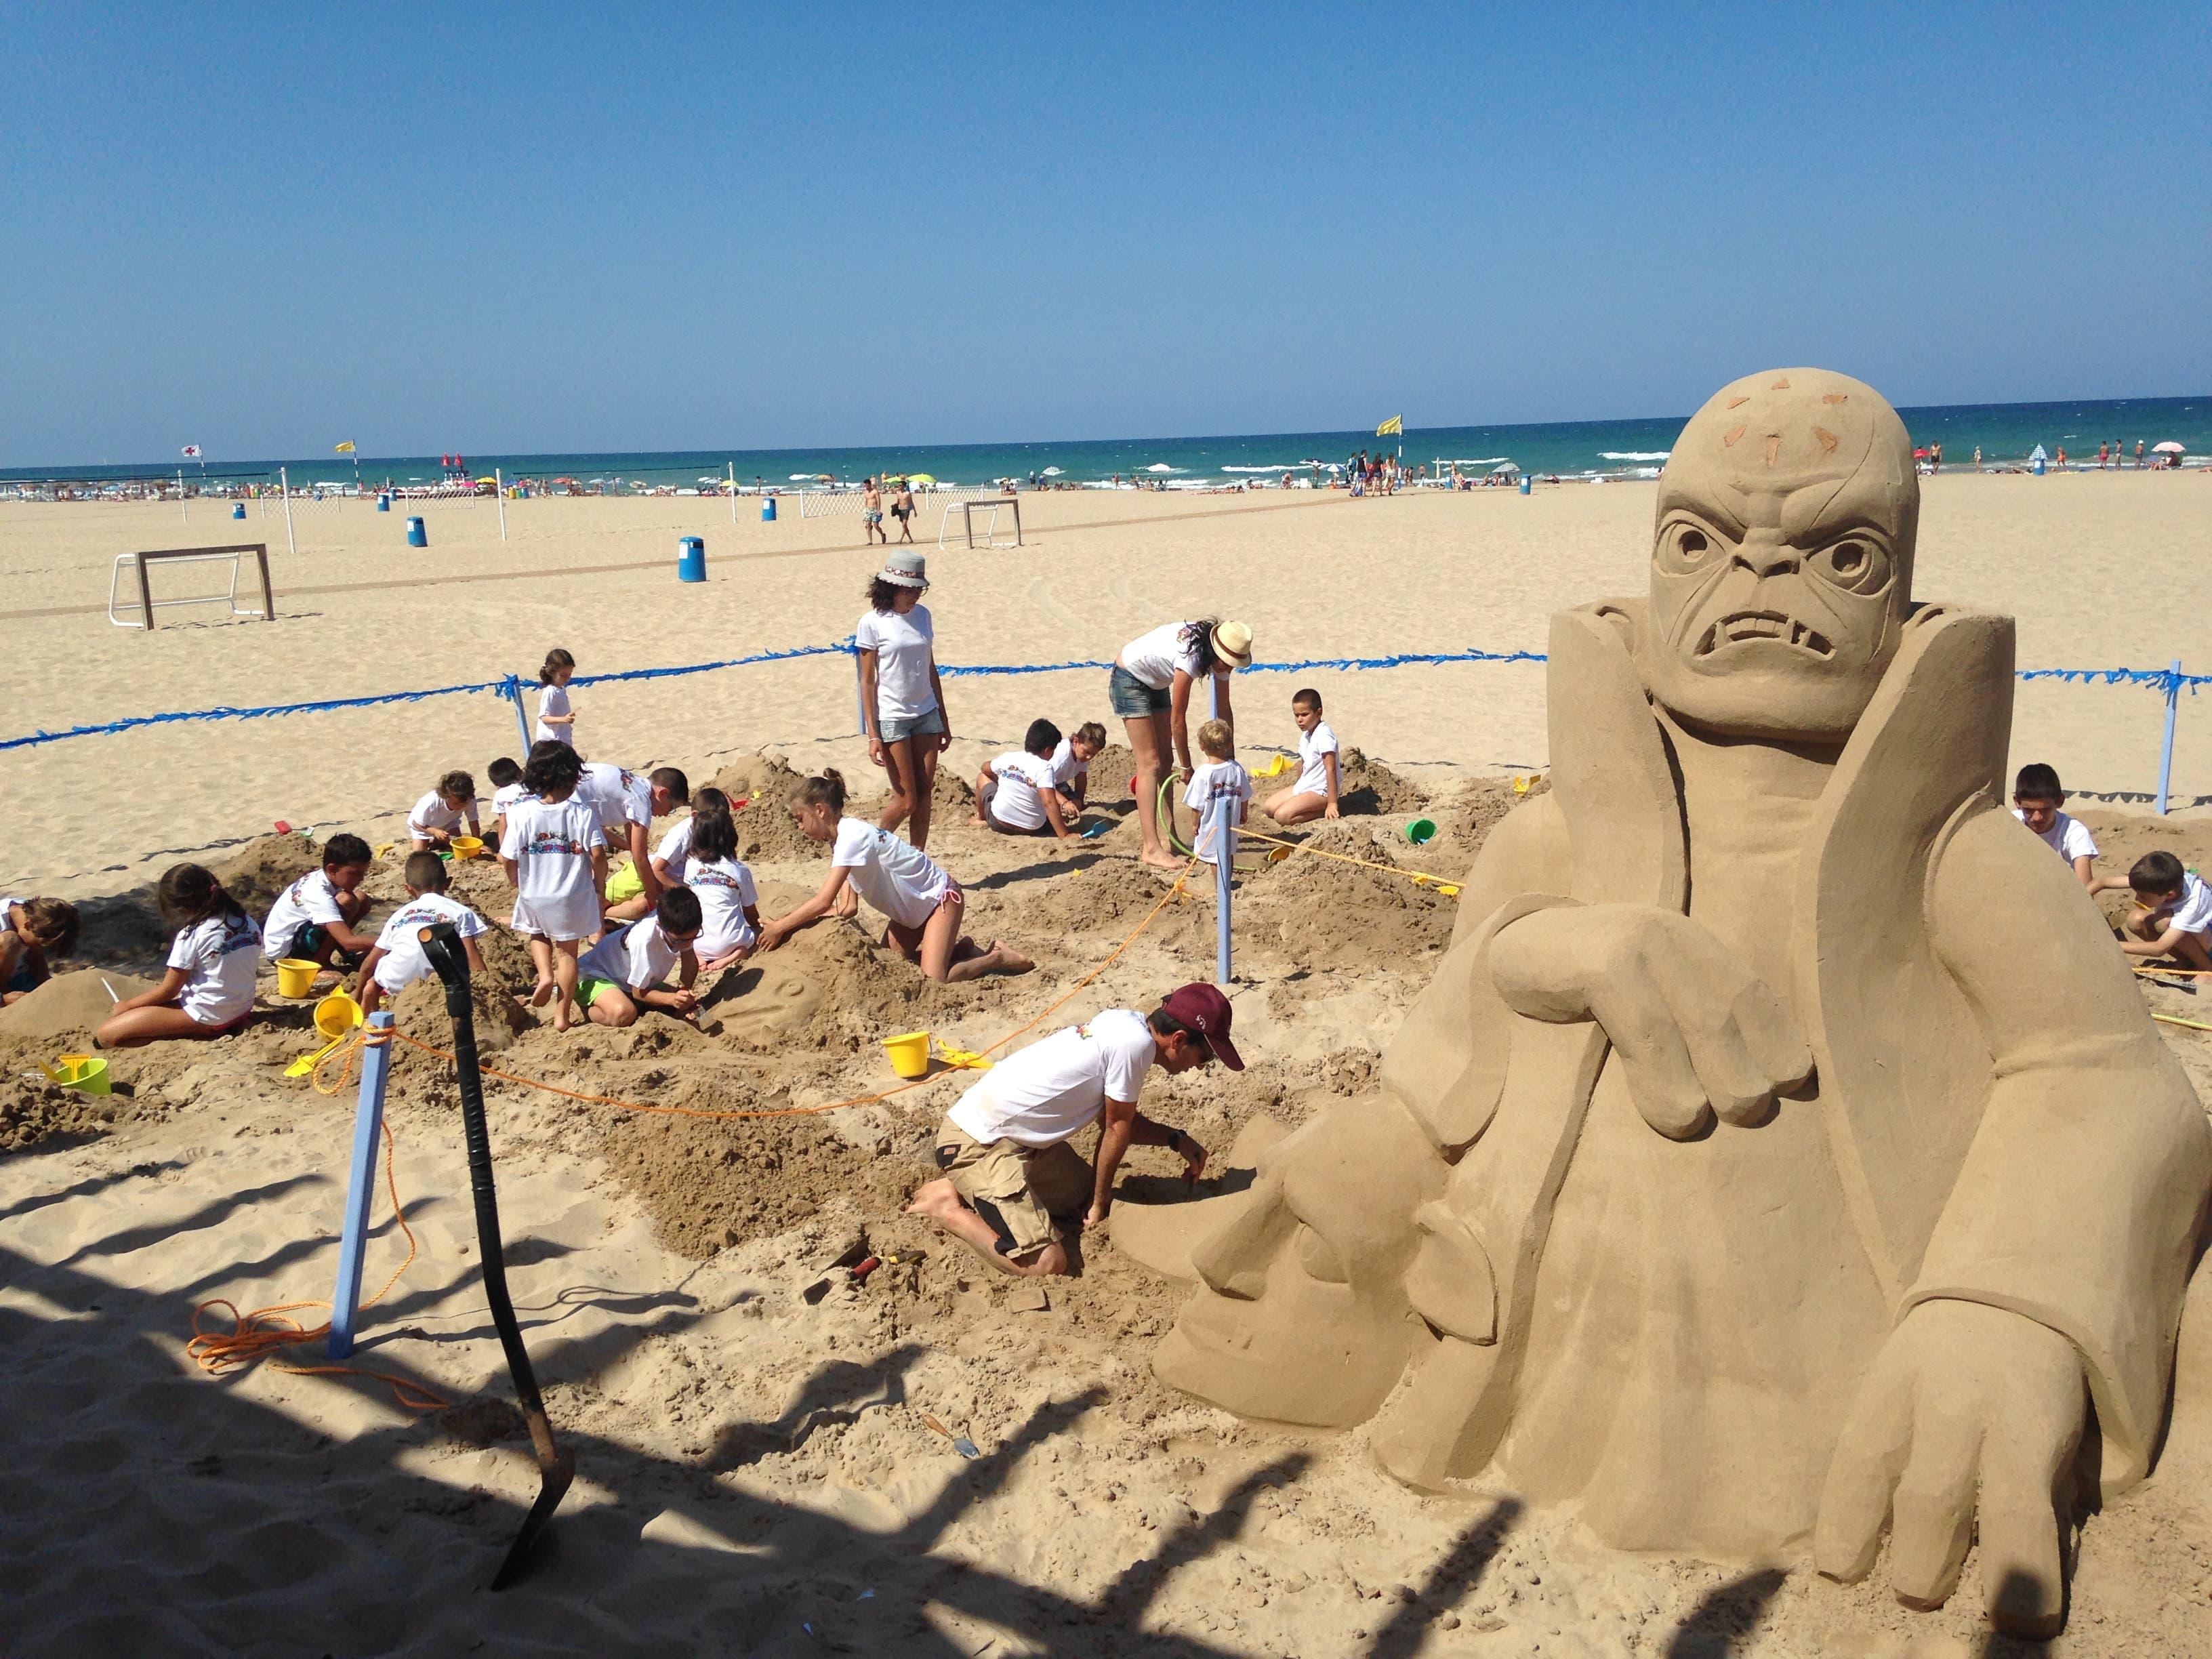 Skylanders Trap Team Figura de Arena en la Playa VII